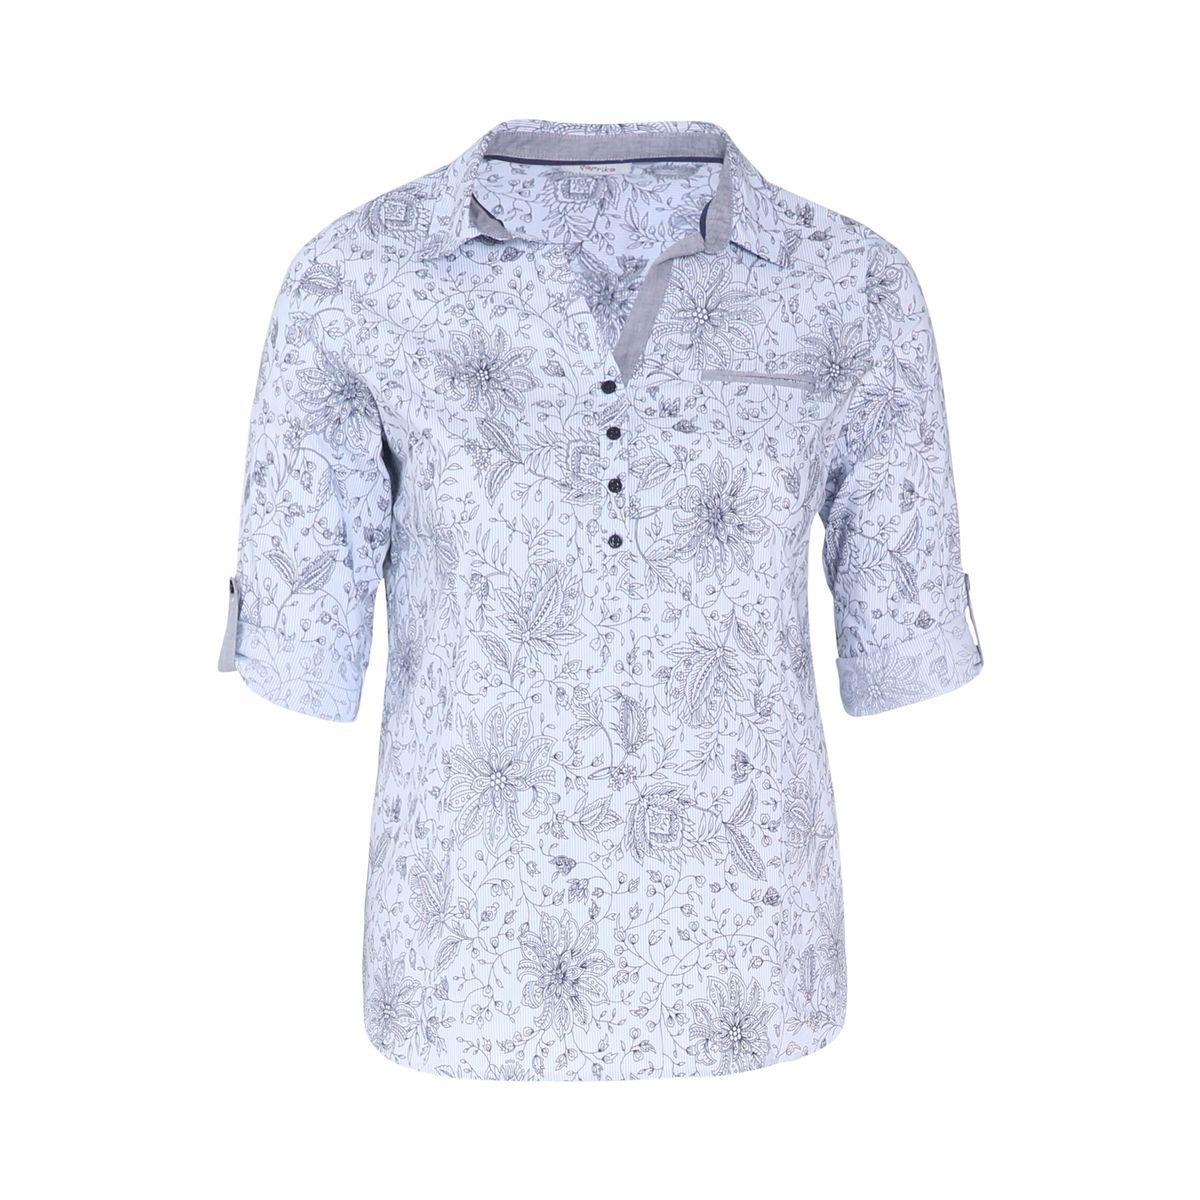 Chemisier imprimé fleuri cachemire col chemise manches longues